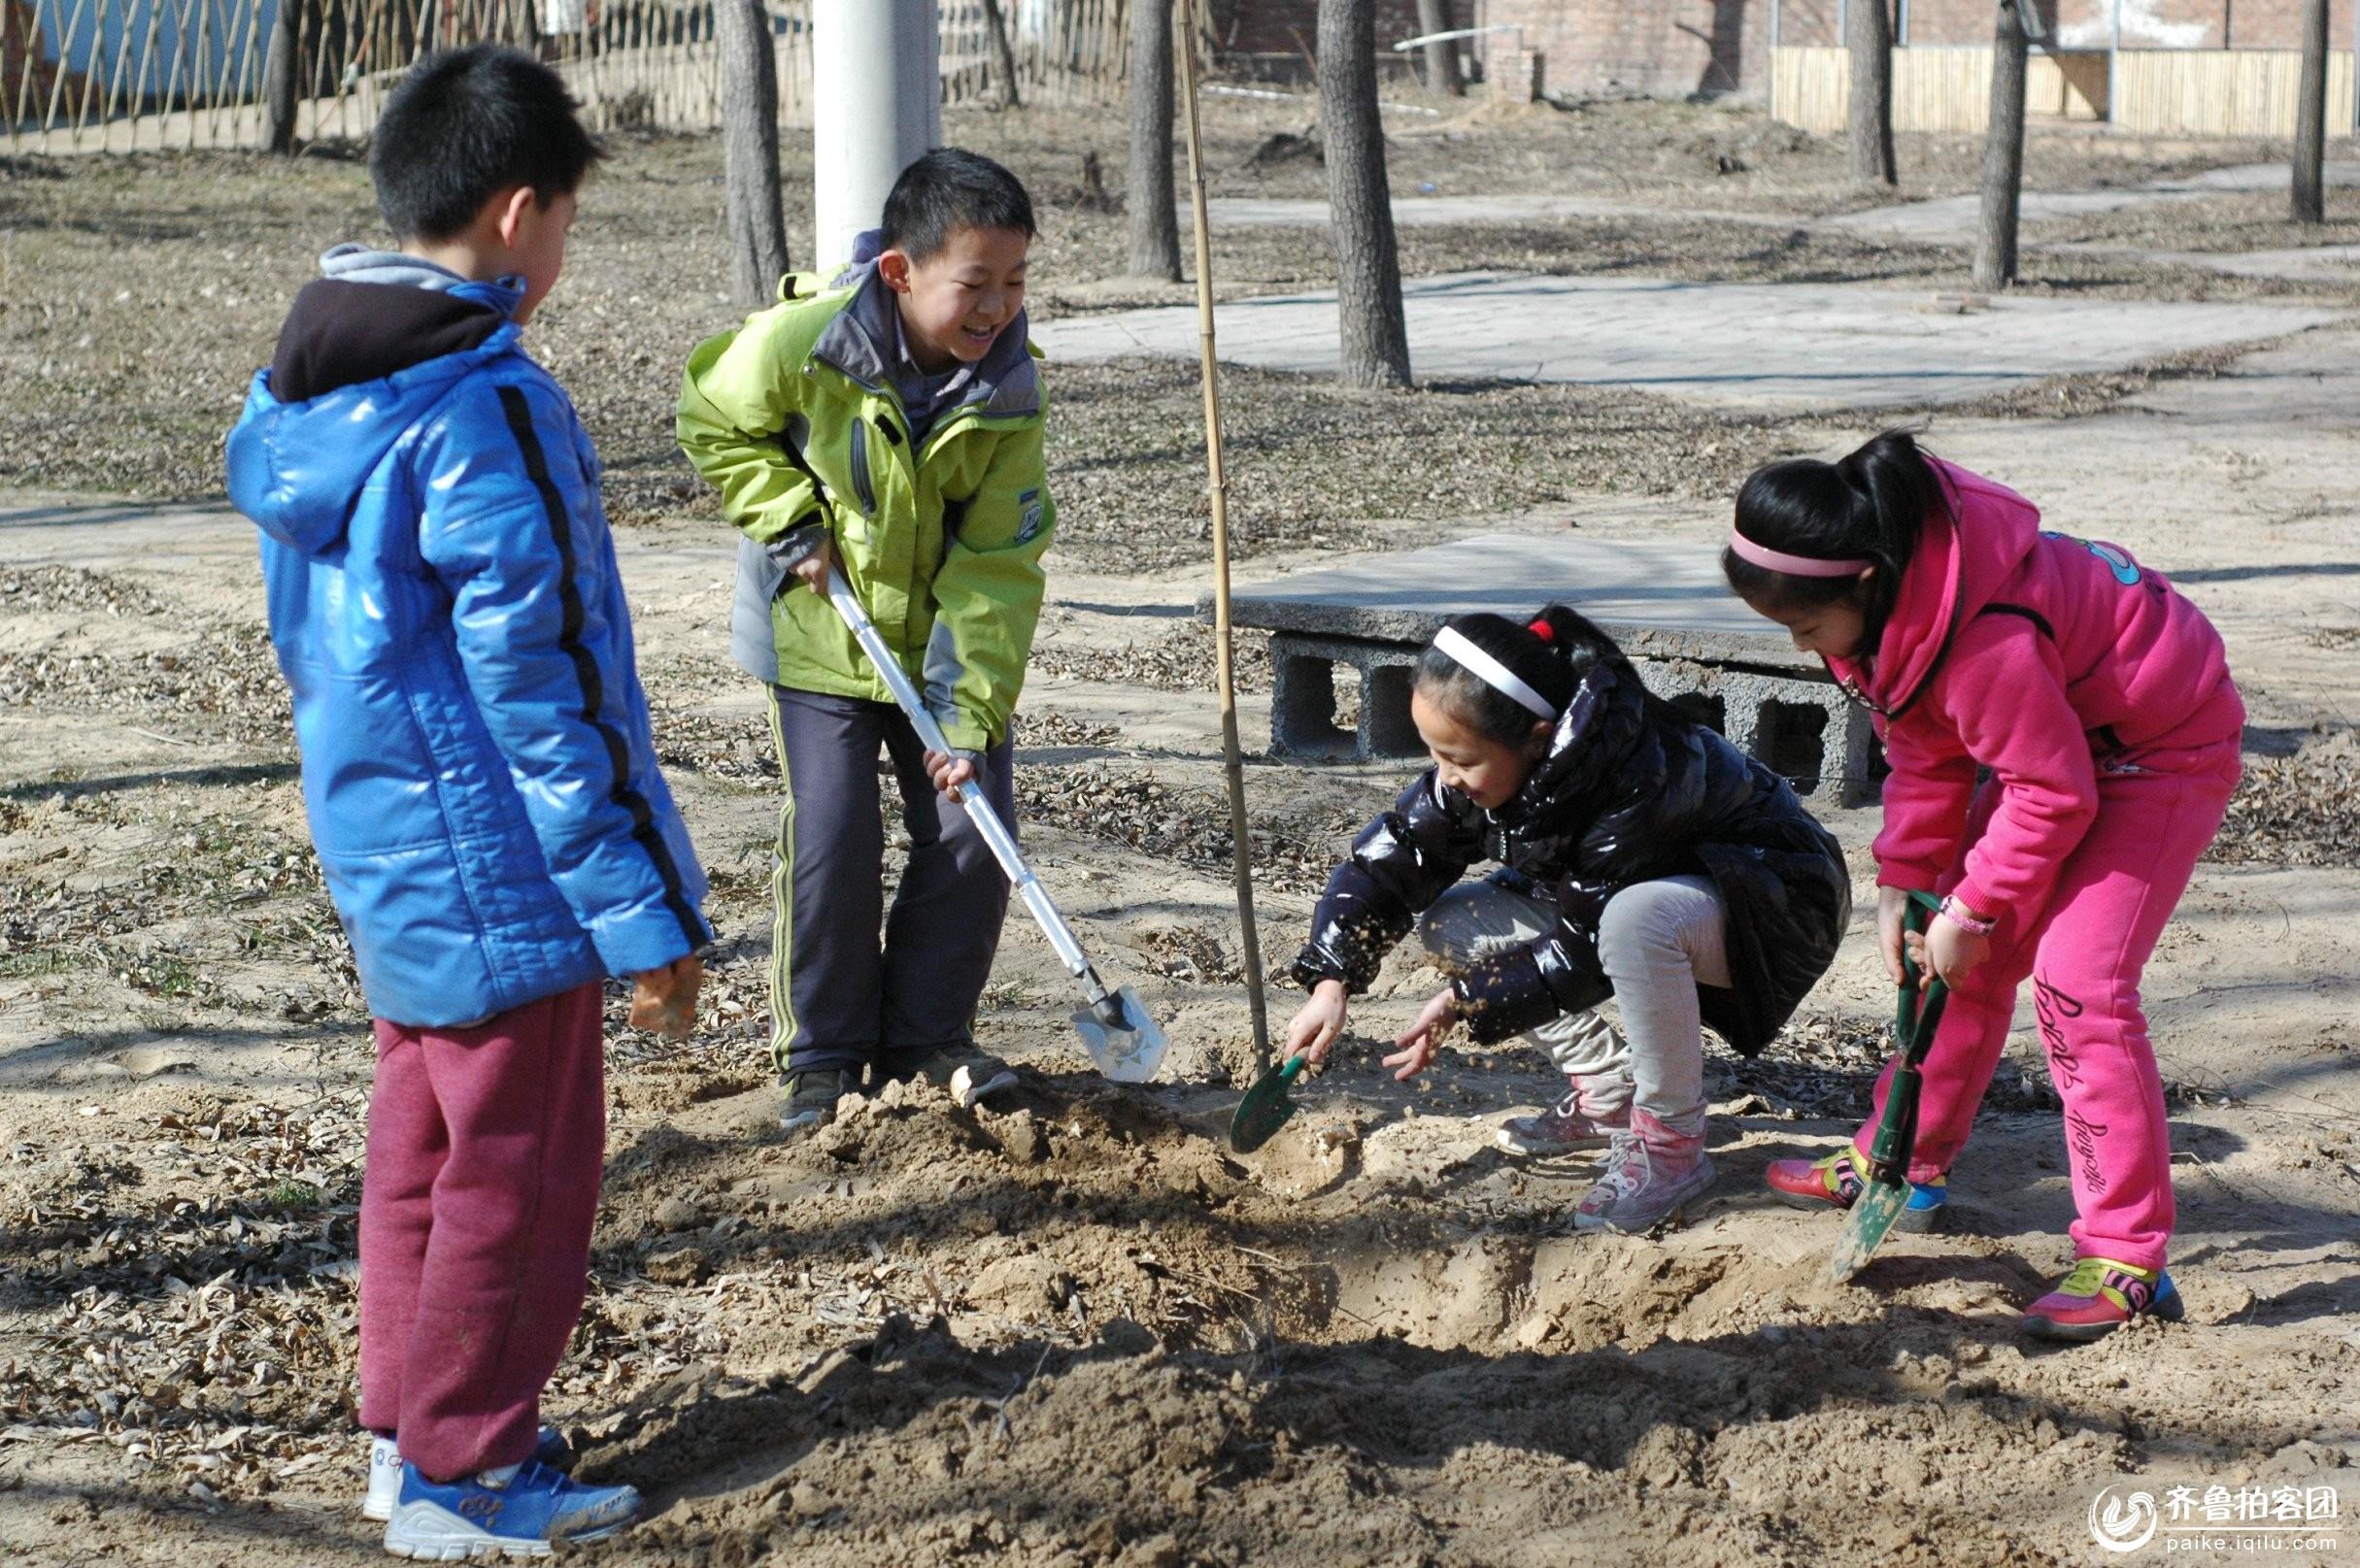 让我们一起植树吧! - 东营拍客 - 齐鲁社区 - 山东最